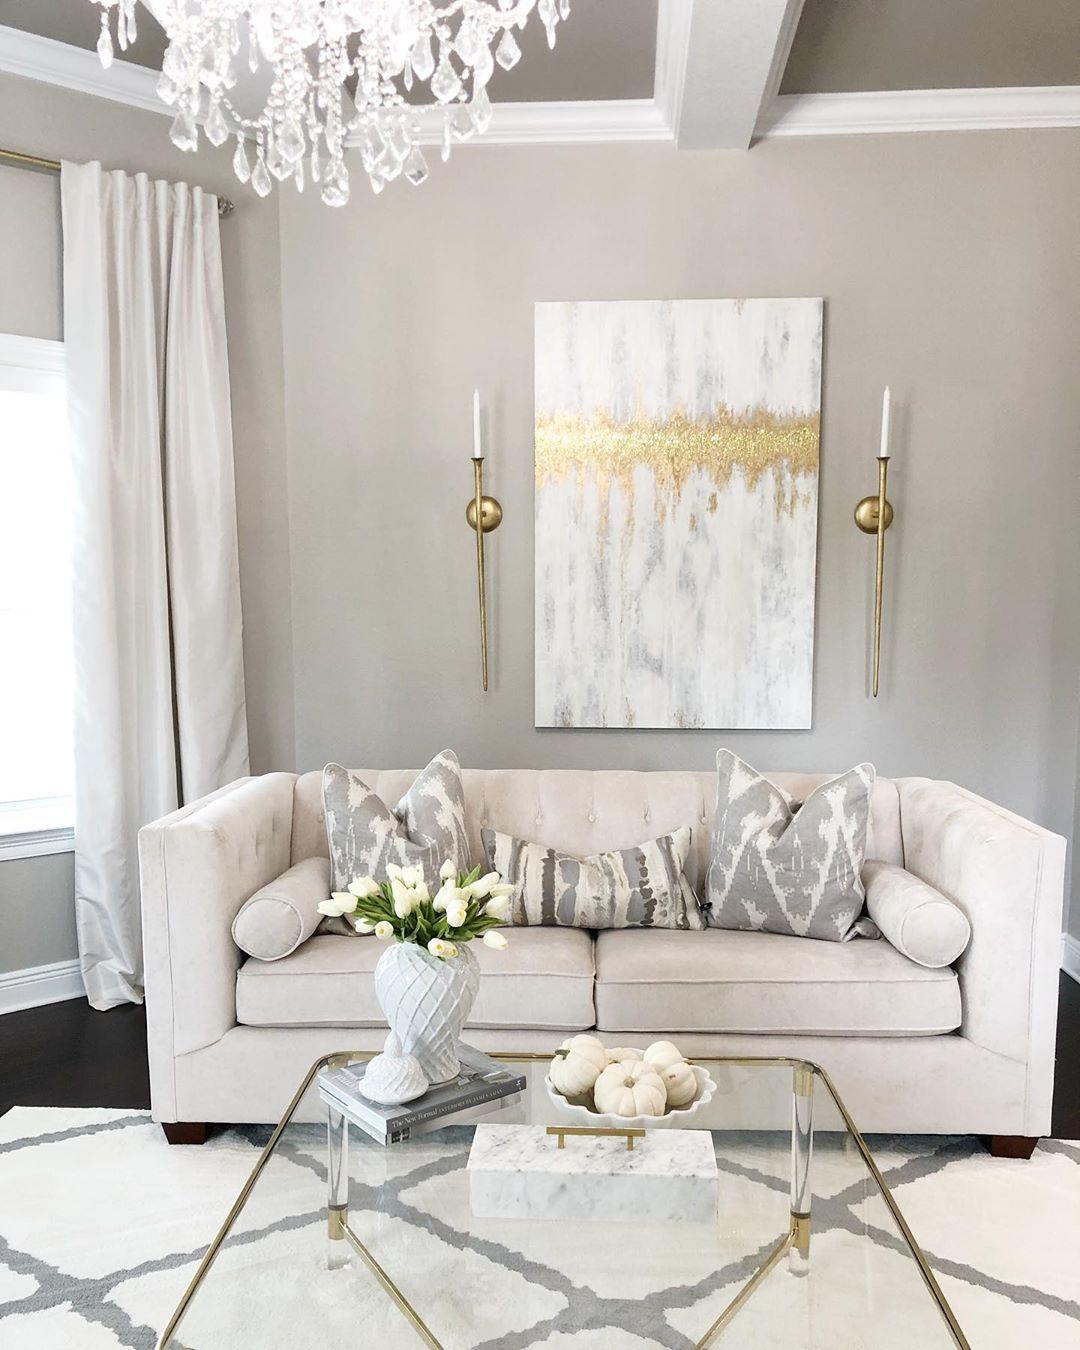 Glam Living Room Design mit metallischer Kunst via @saltgrassdecor